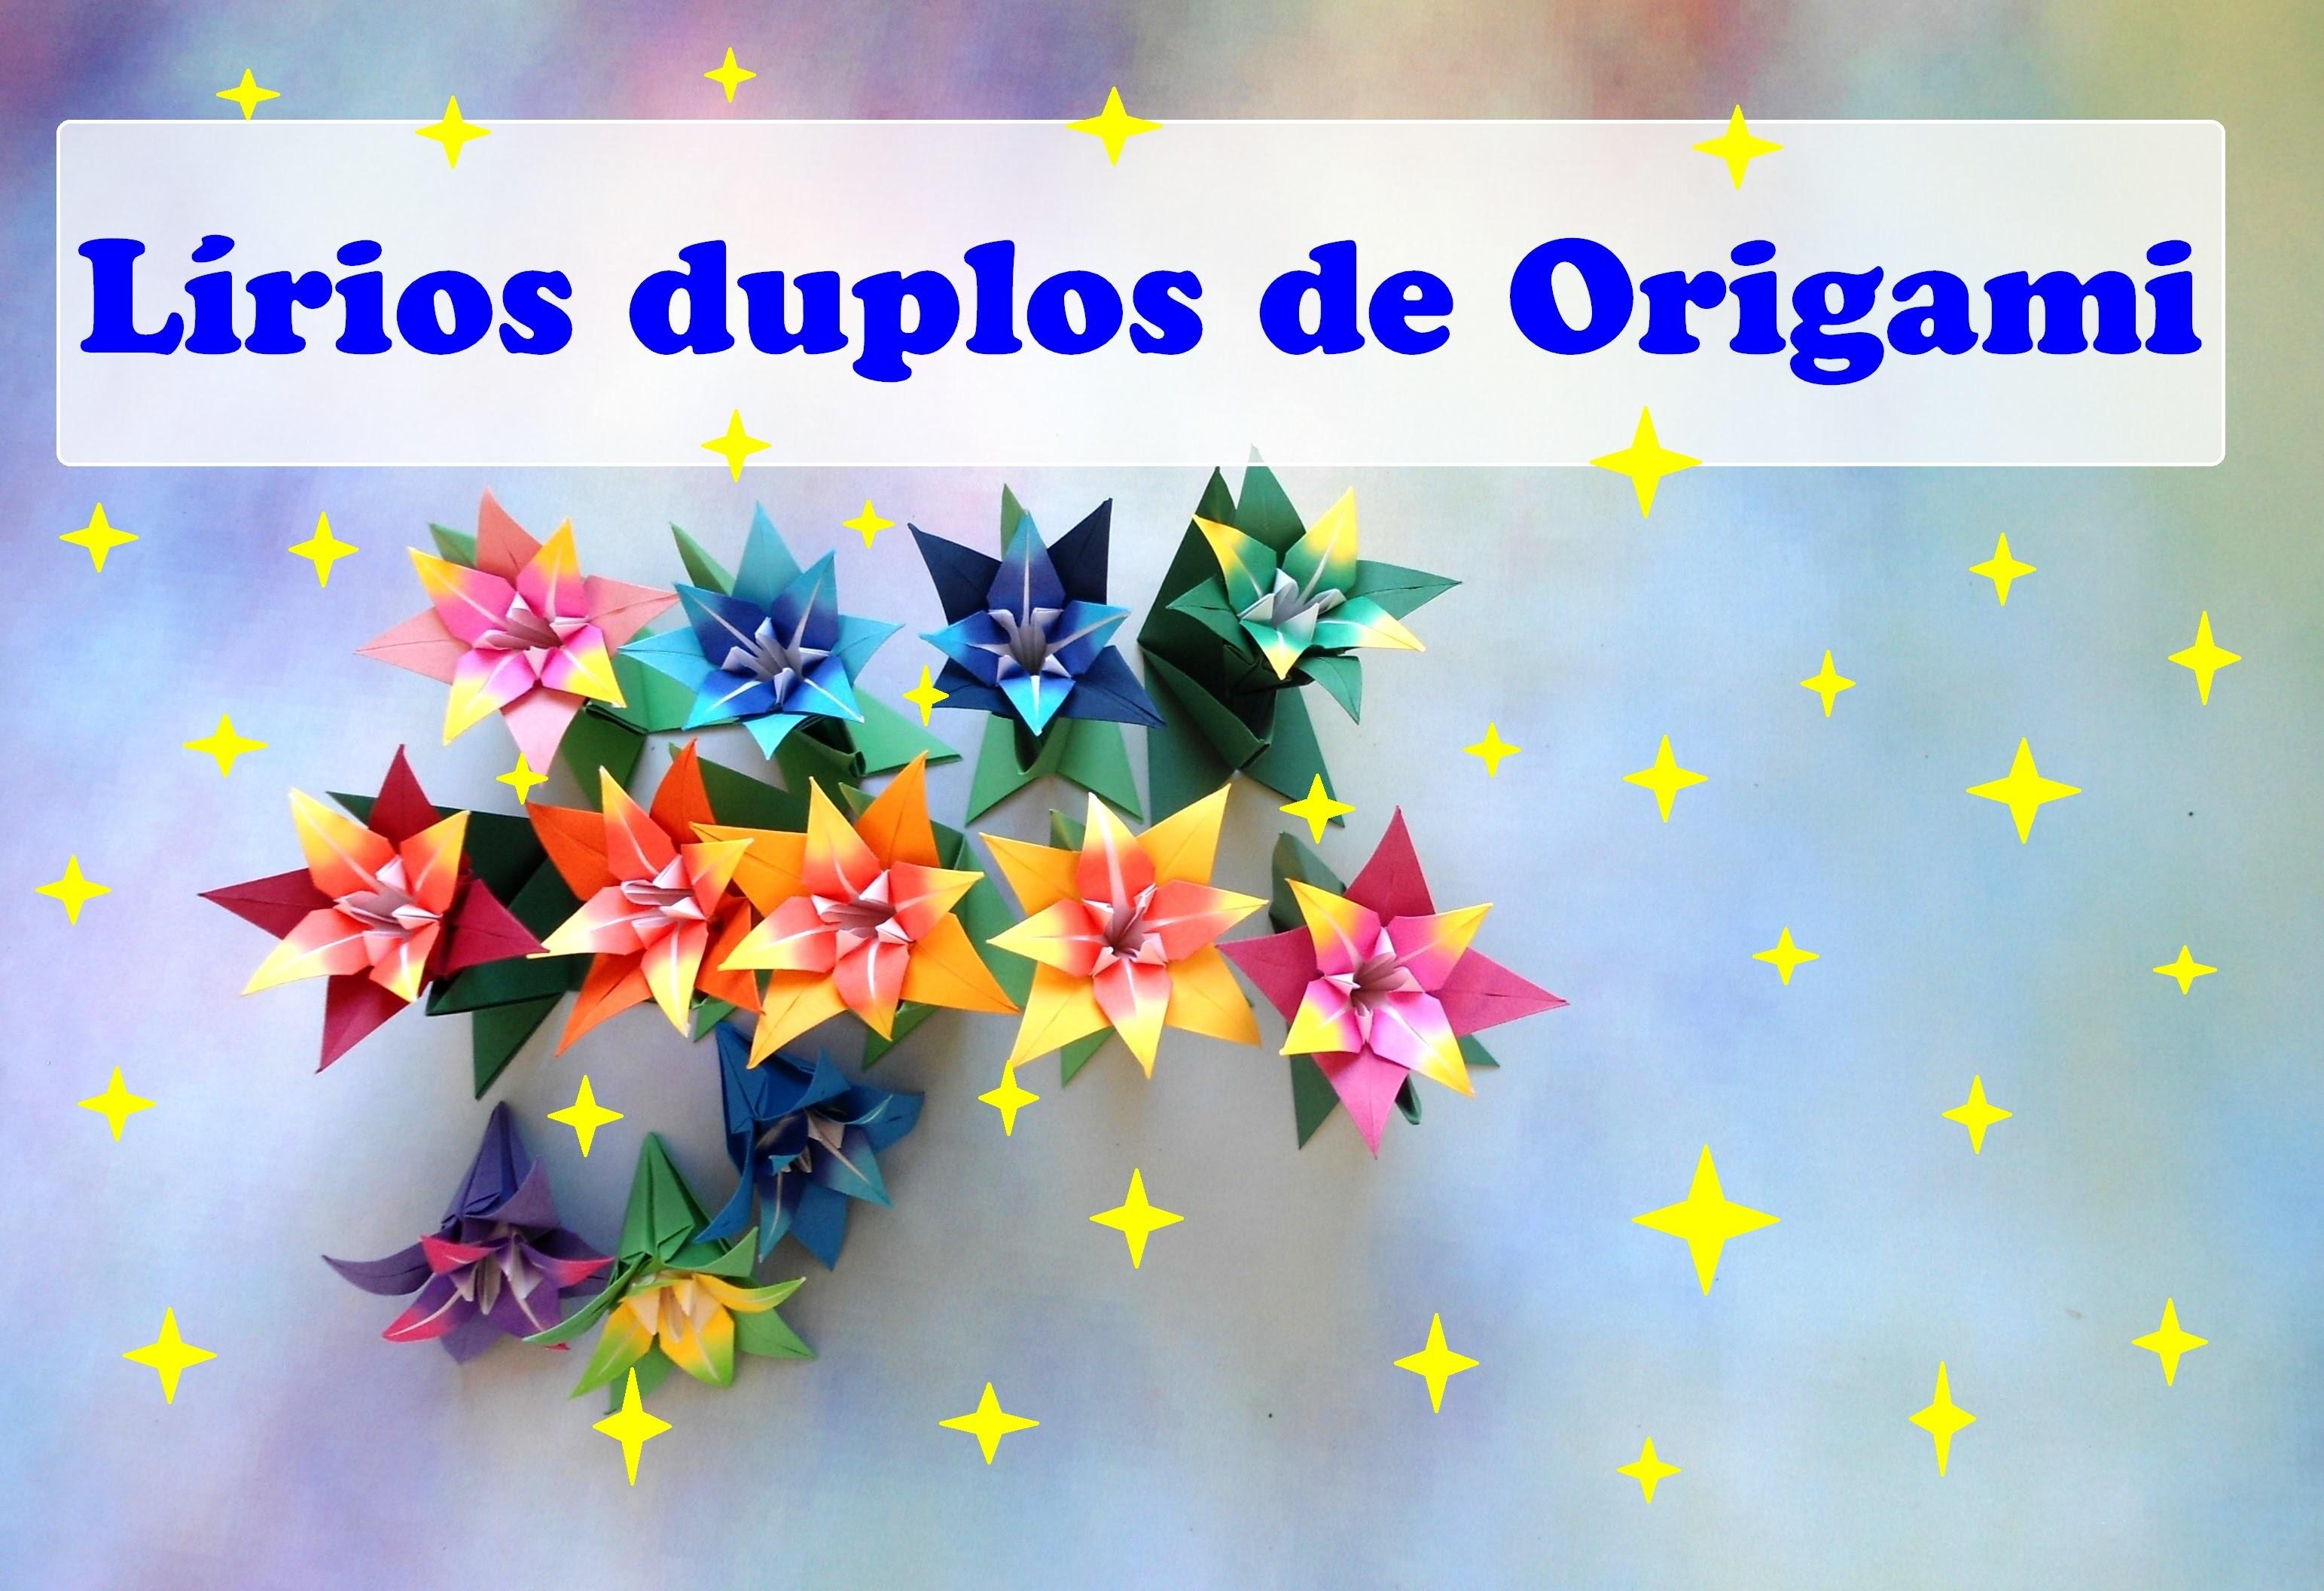 LÍRIOS DUPLOS DE ORIGAMI